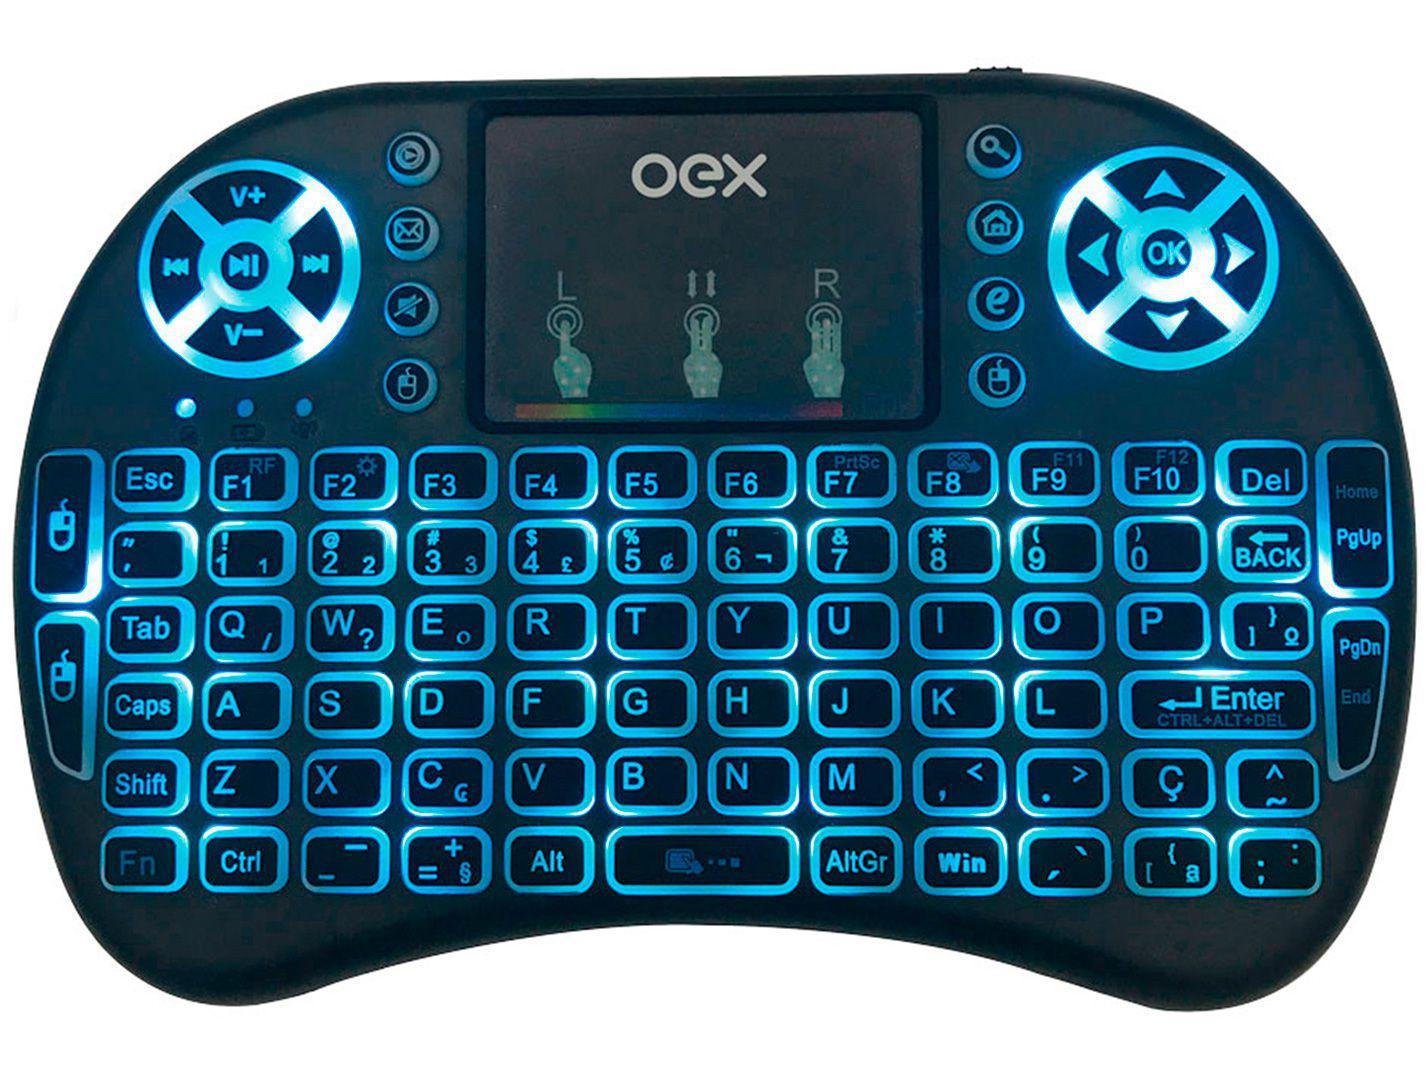 Teclado Mini sem Fio OEX - ABNT2 Preto CK103